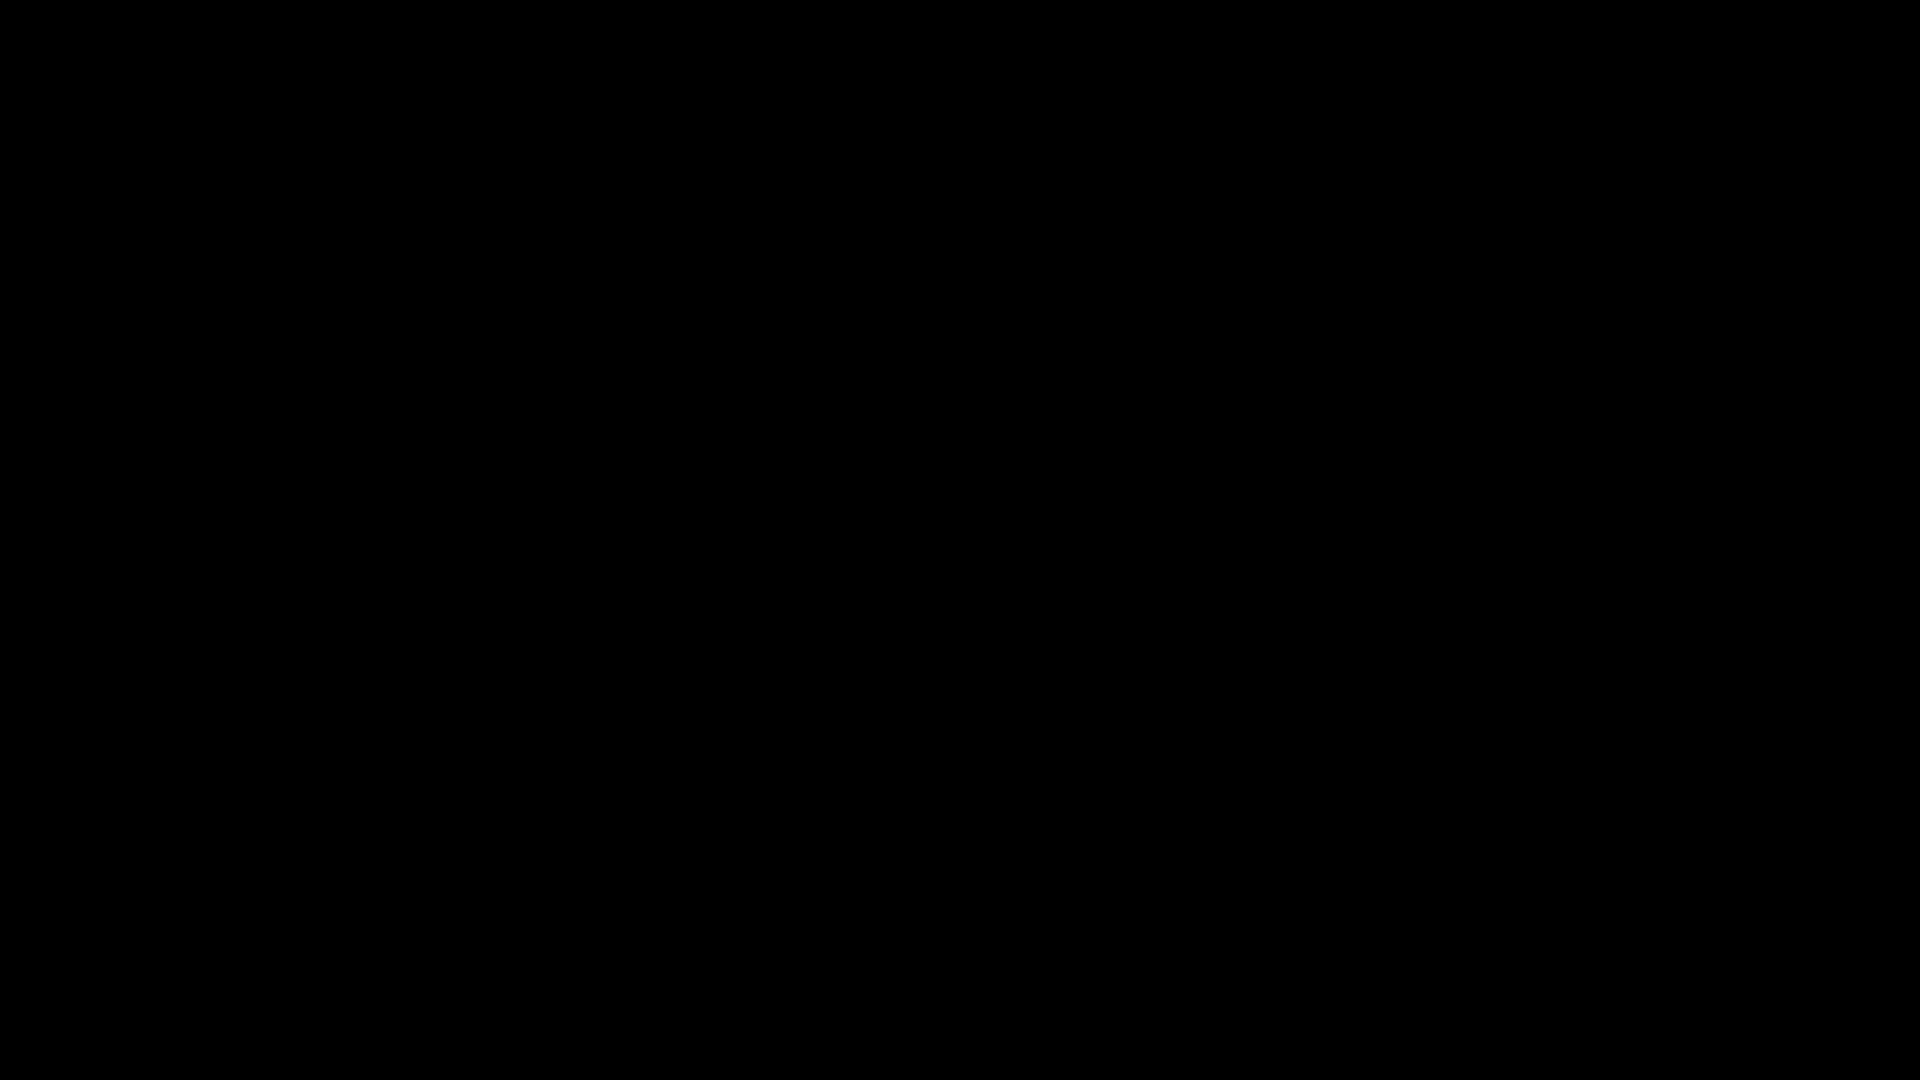 カスタムキーボードダストカバーシリコーンラップトップスキンキーボードプロテクターノートパソコンの macbook pro の 13 15 カバー英語版